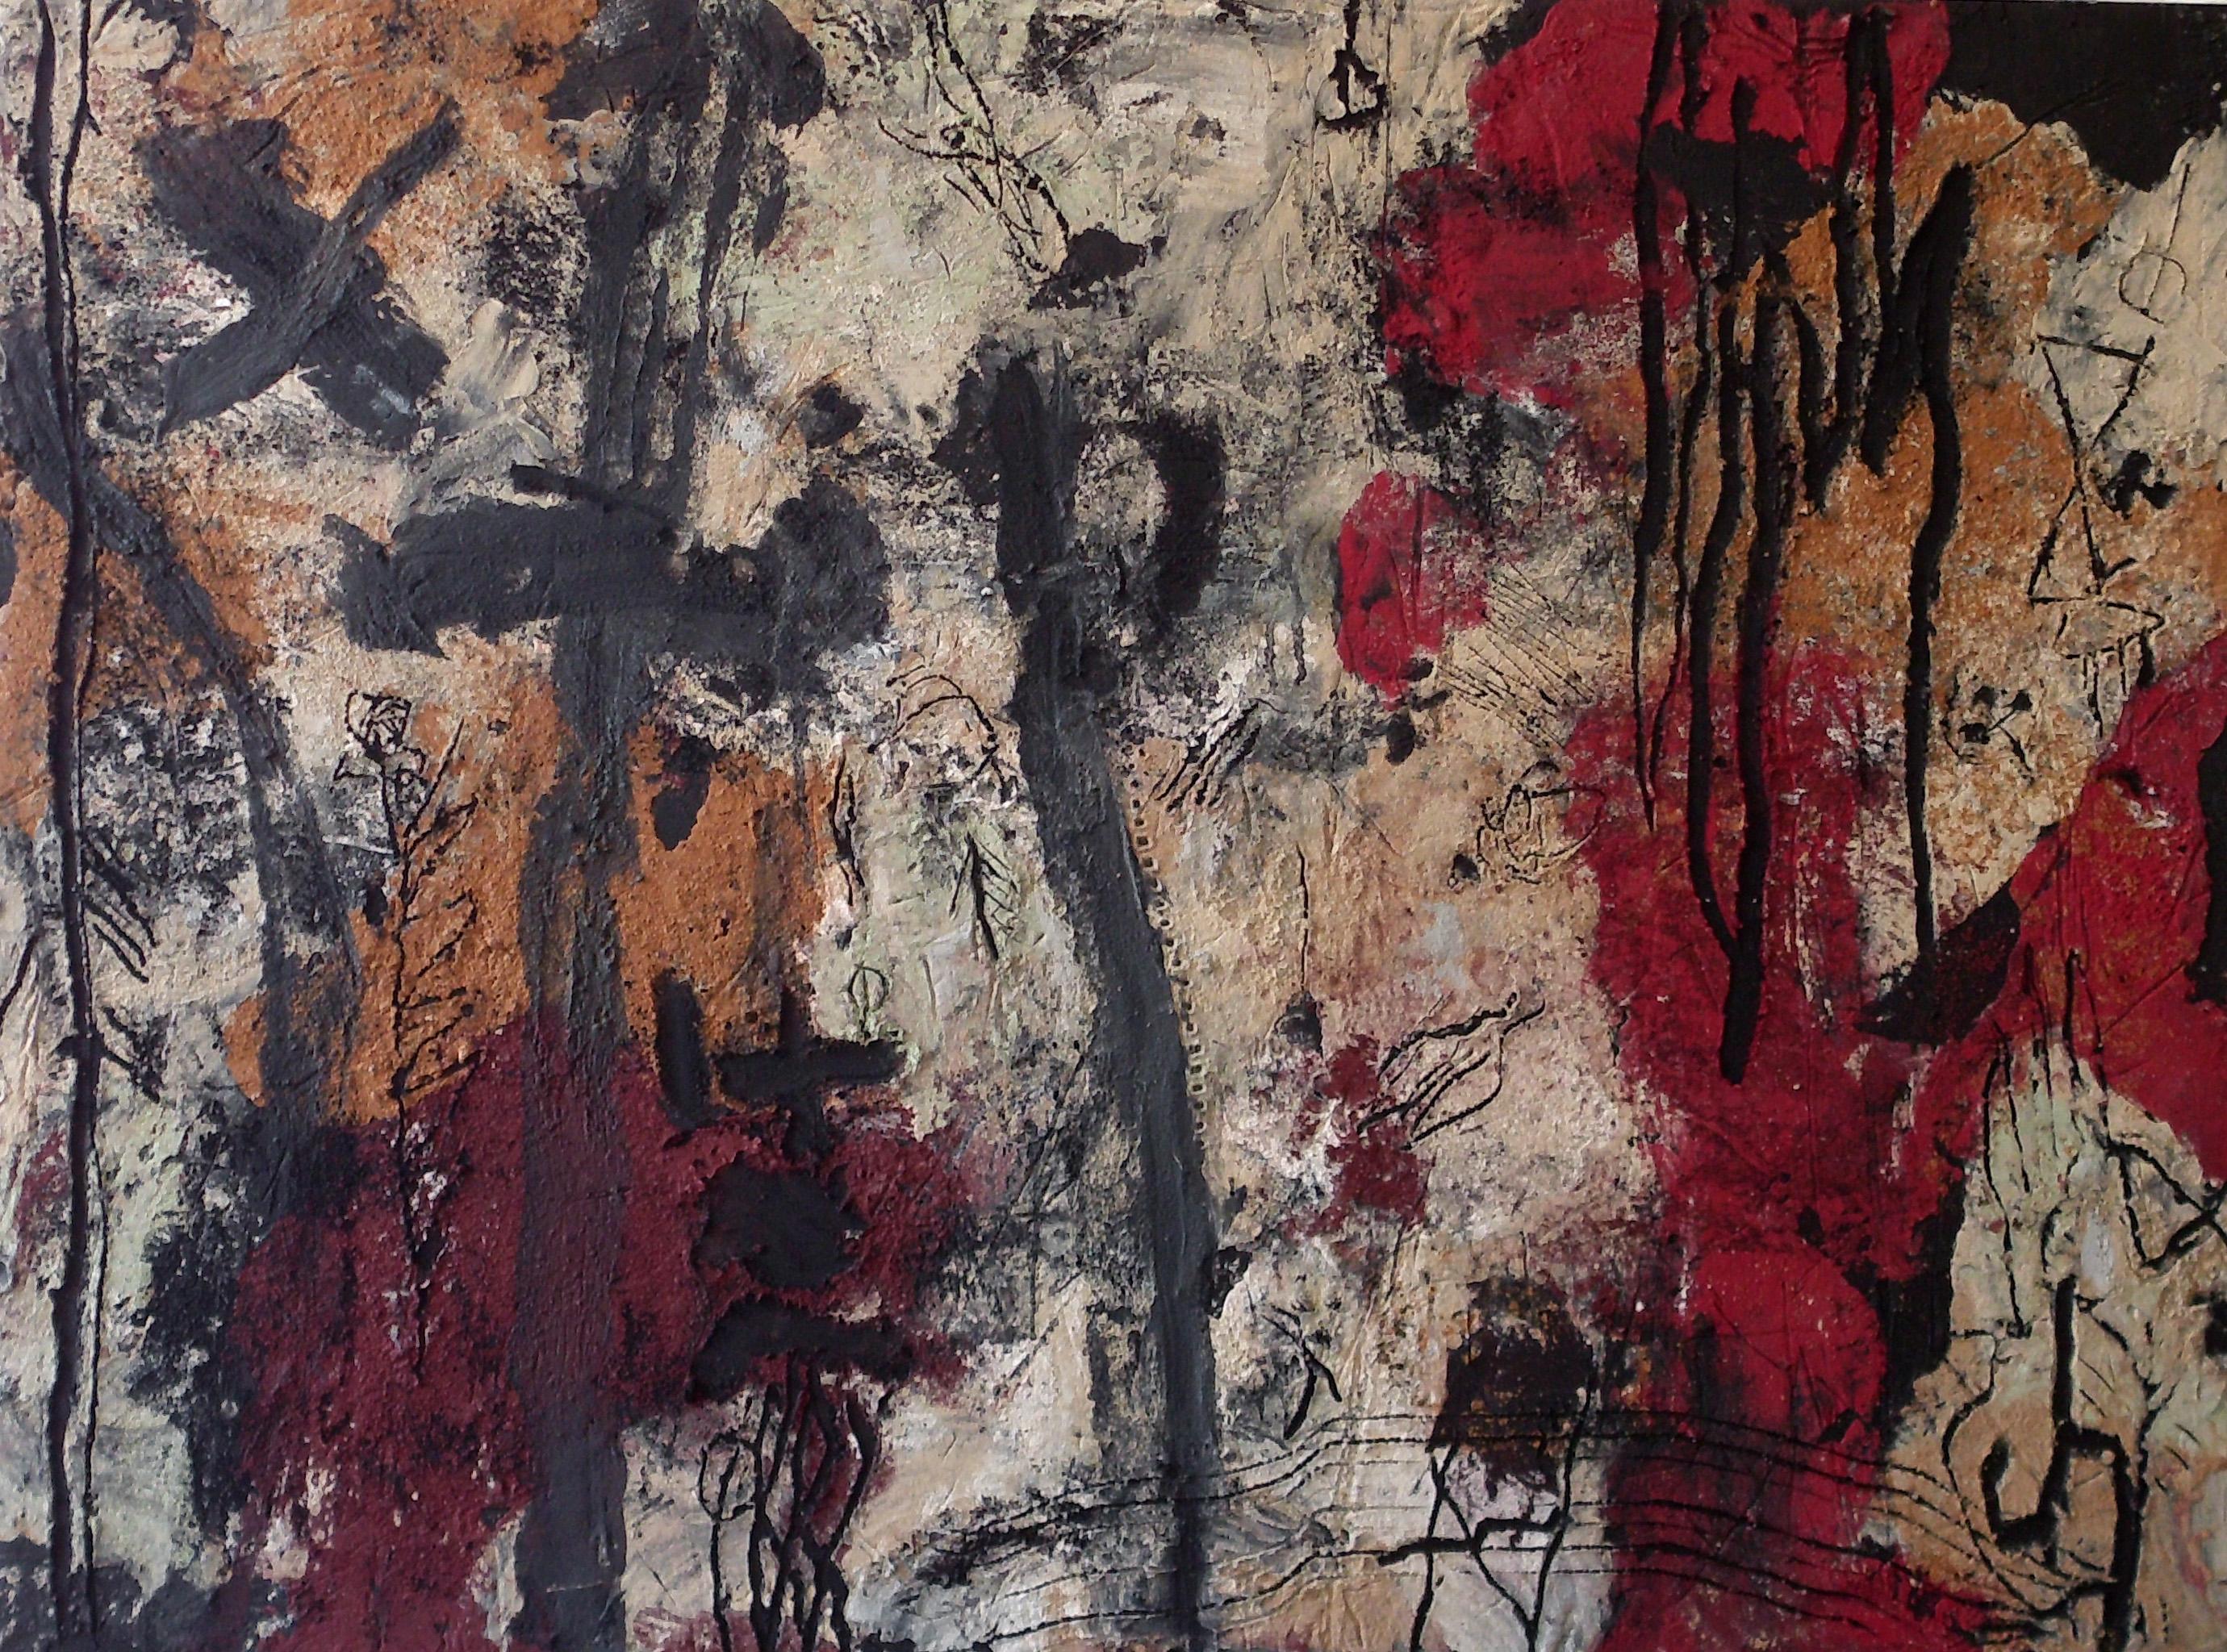 20-christian_hasse-komposition_mit_kreuz-2012-acryl_auf_hartfaser-91x122